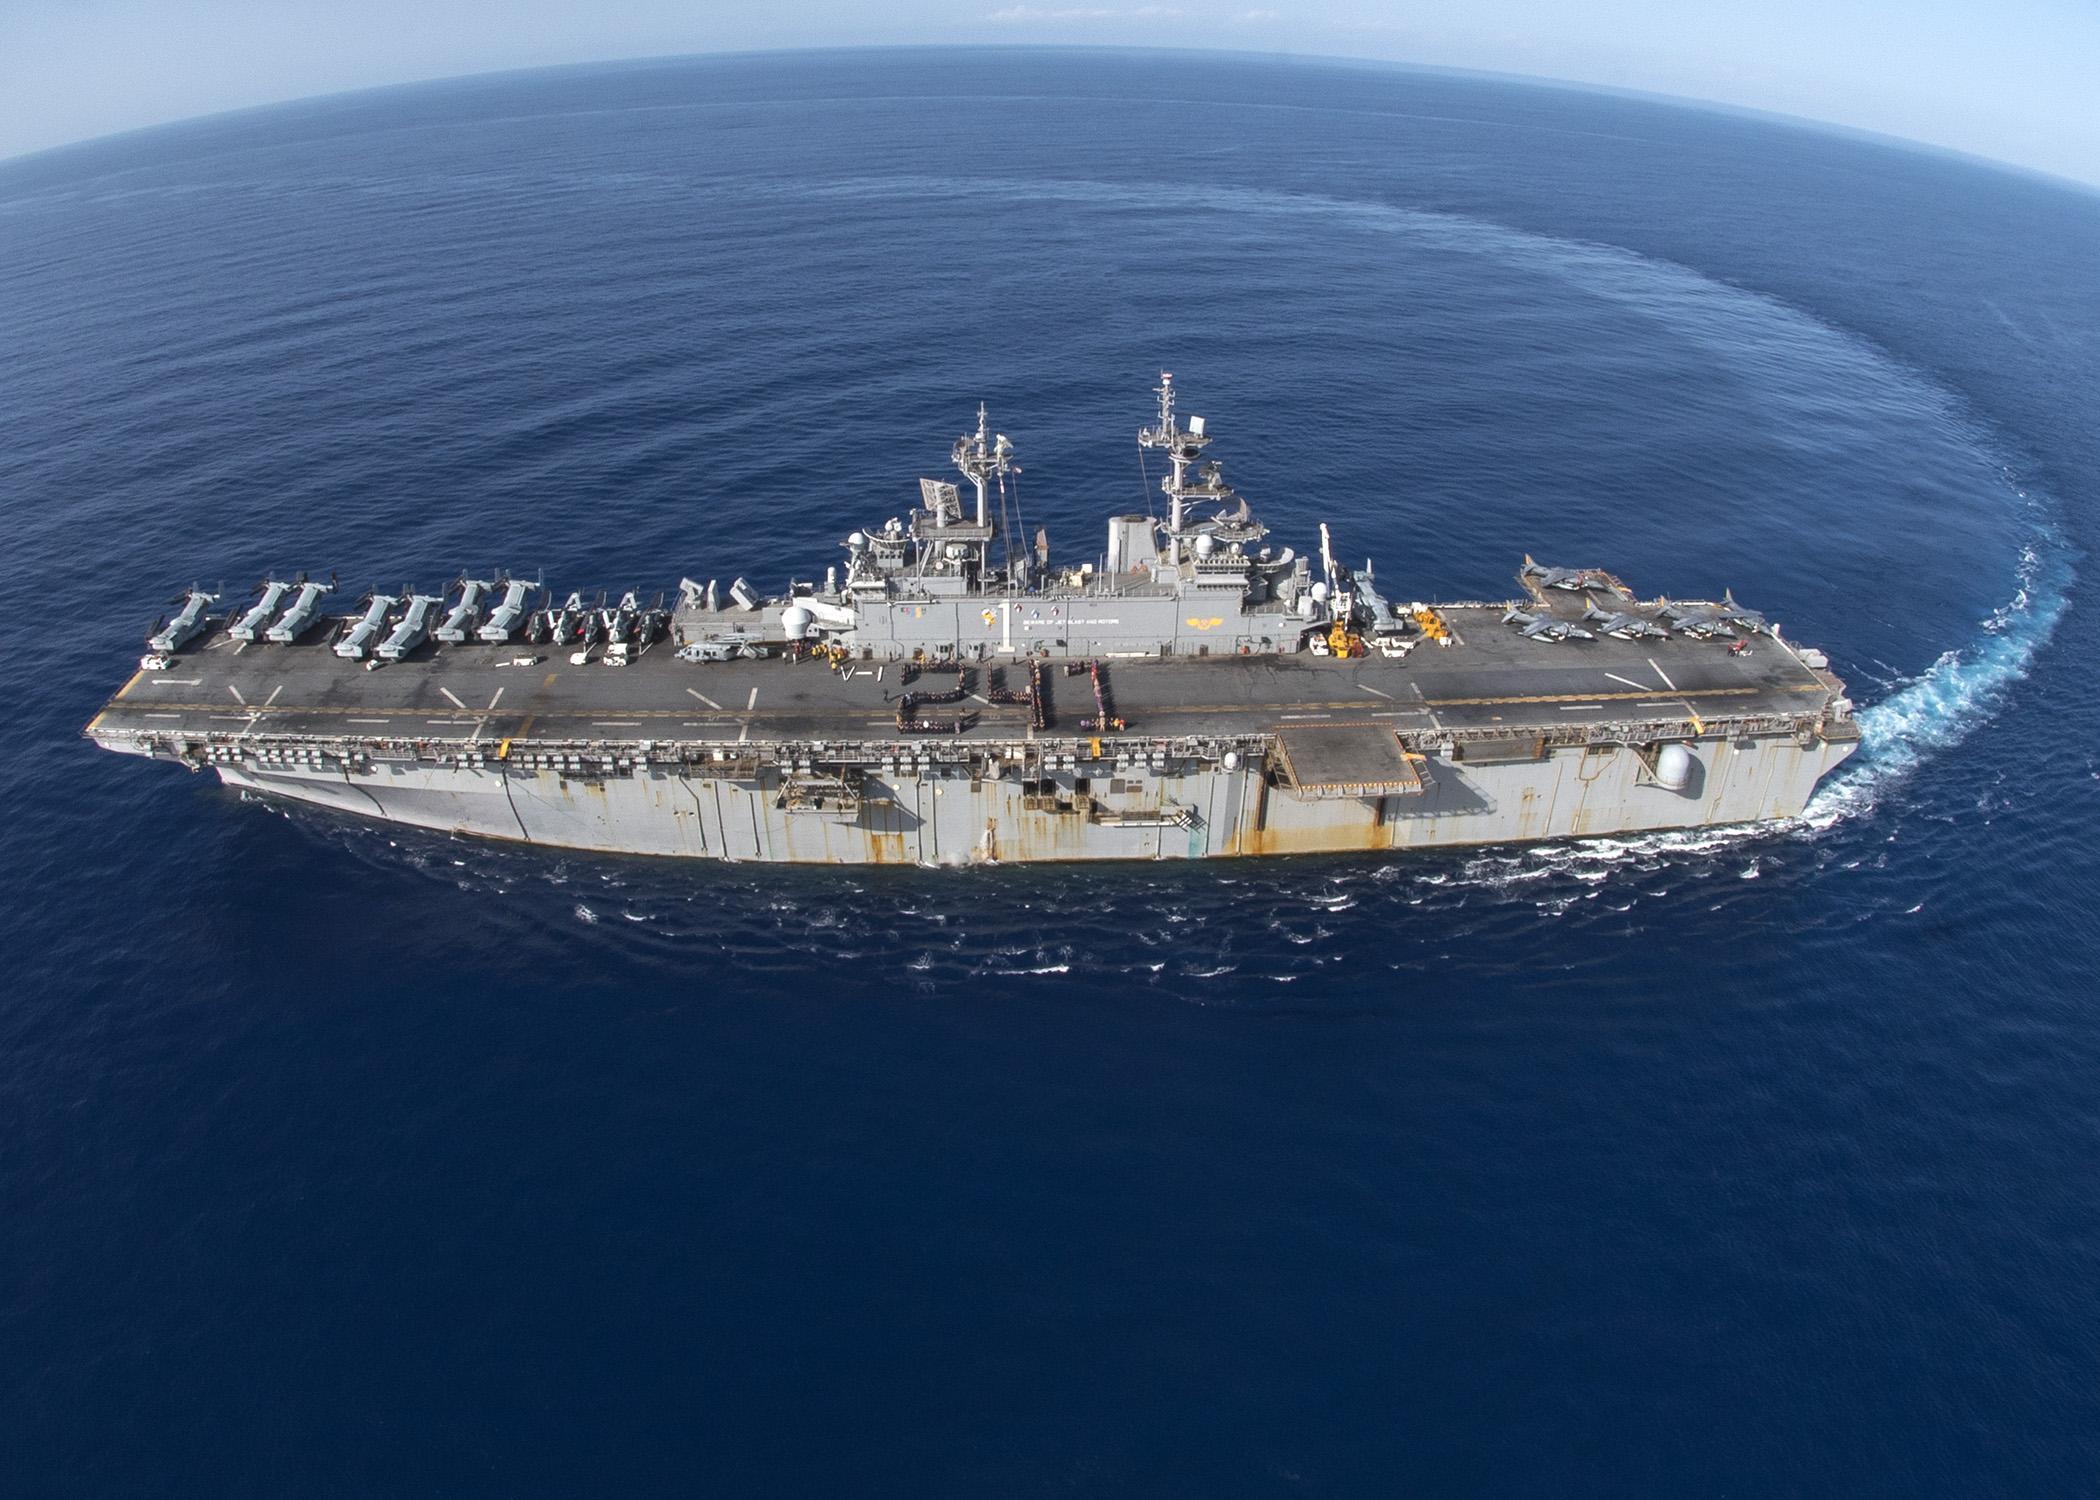 美媒称美军舰访问香港被中国拒绝 中国外交部回应